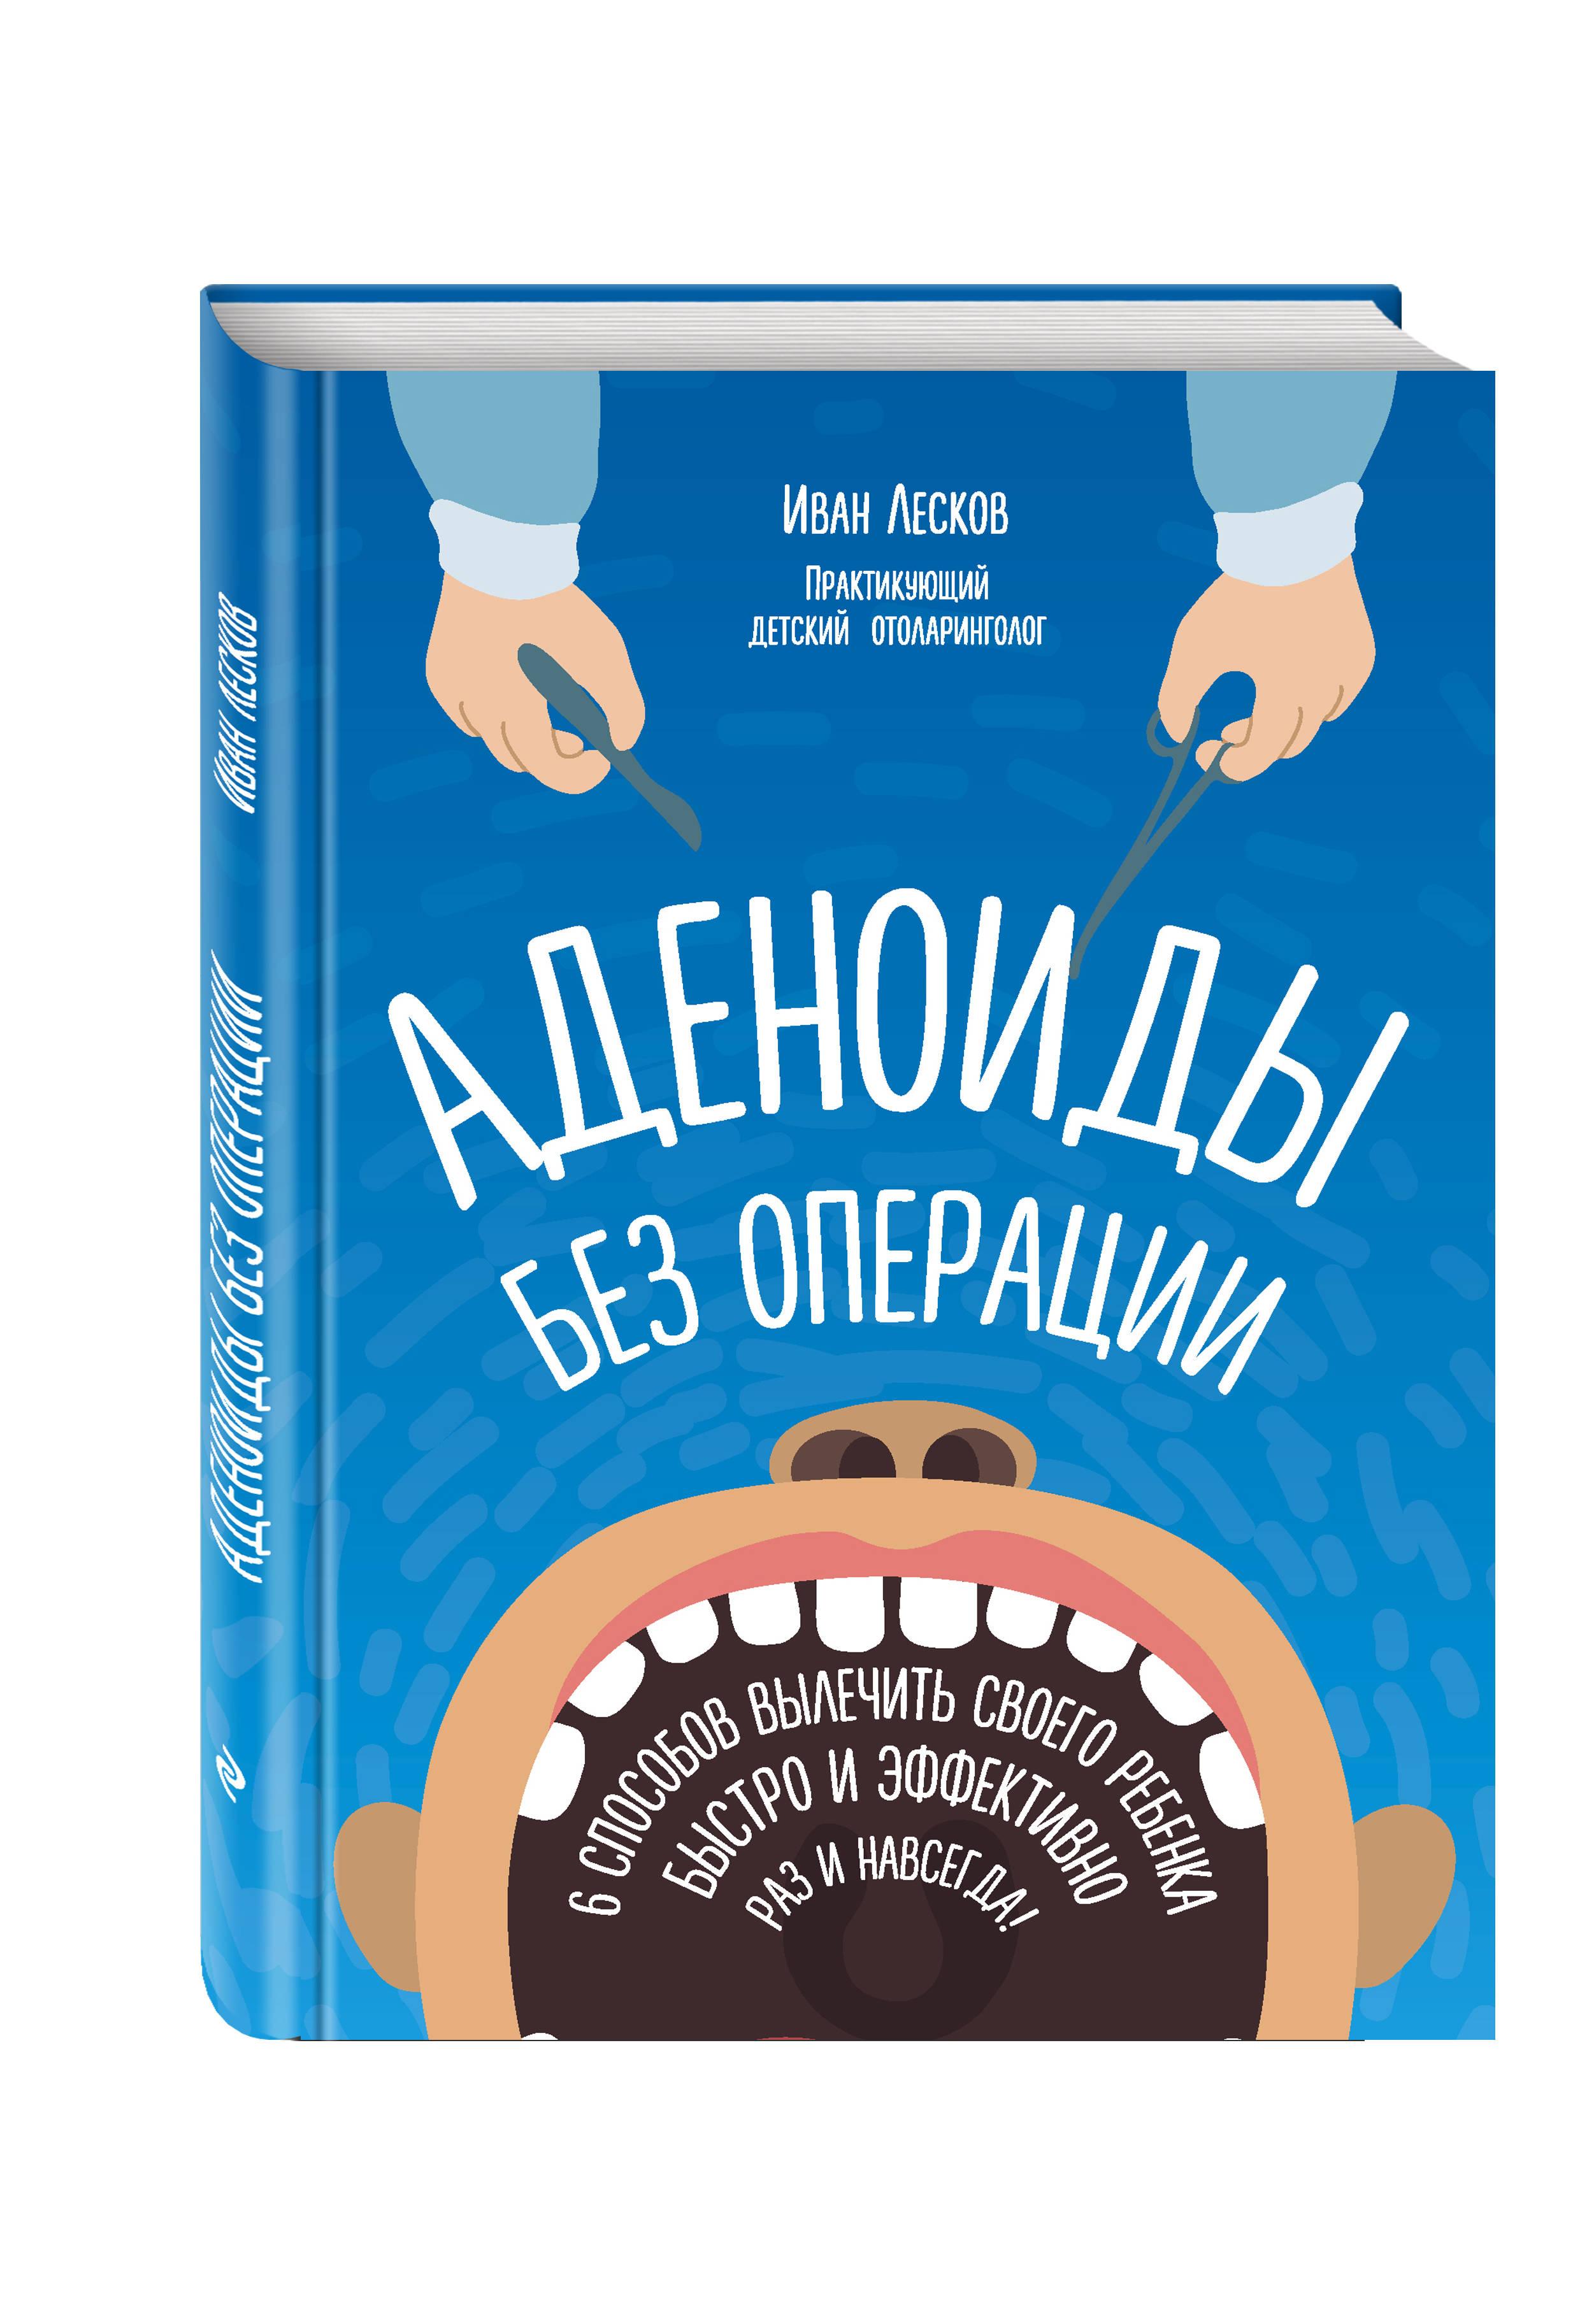 Аденоиды без операции от book24.ru